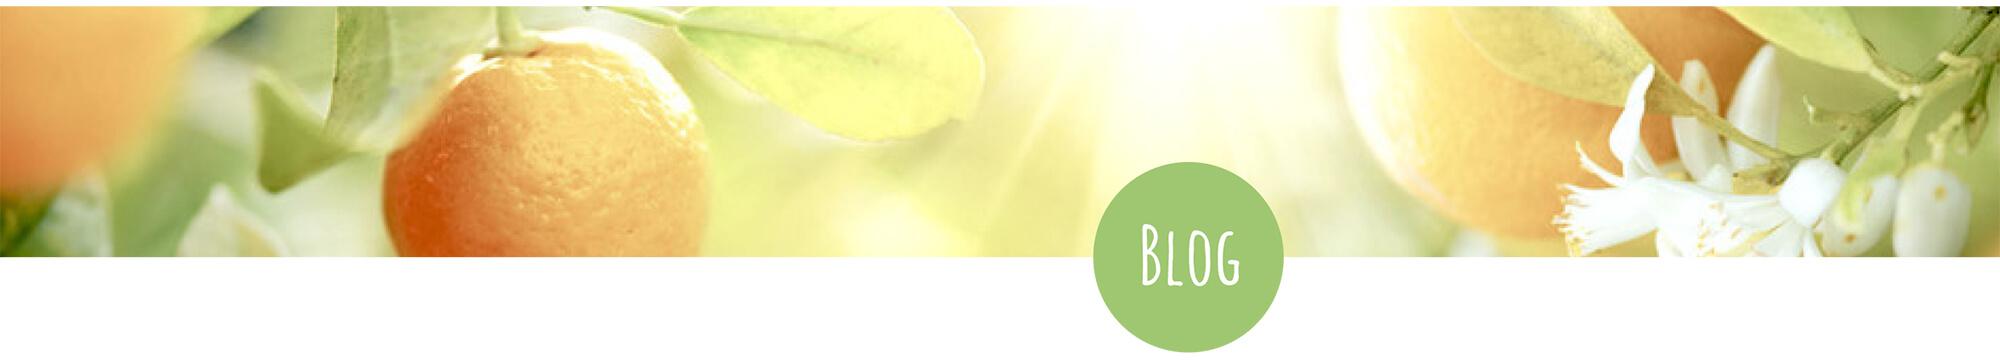 Blog Teaserbild